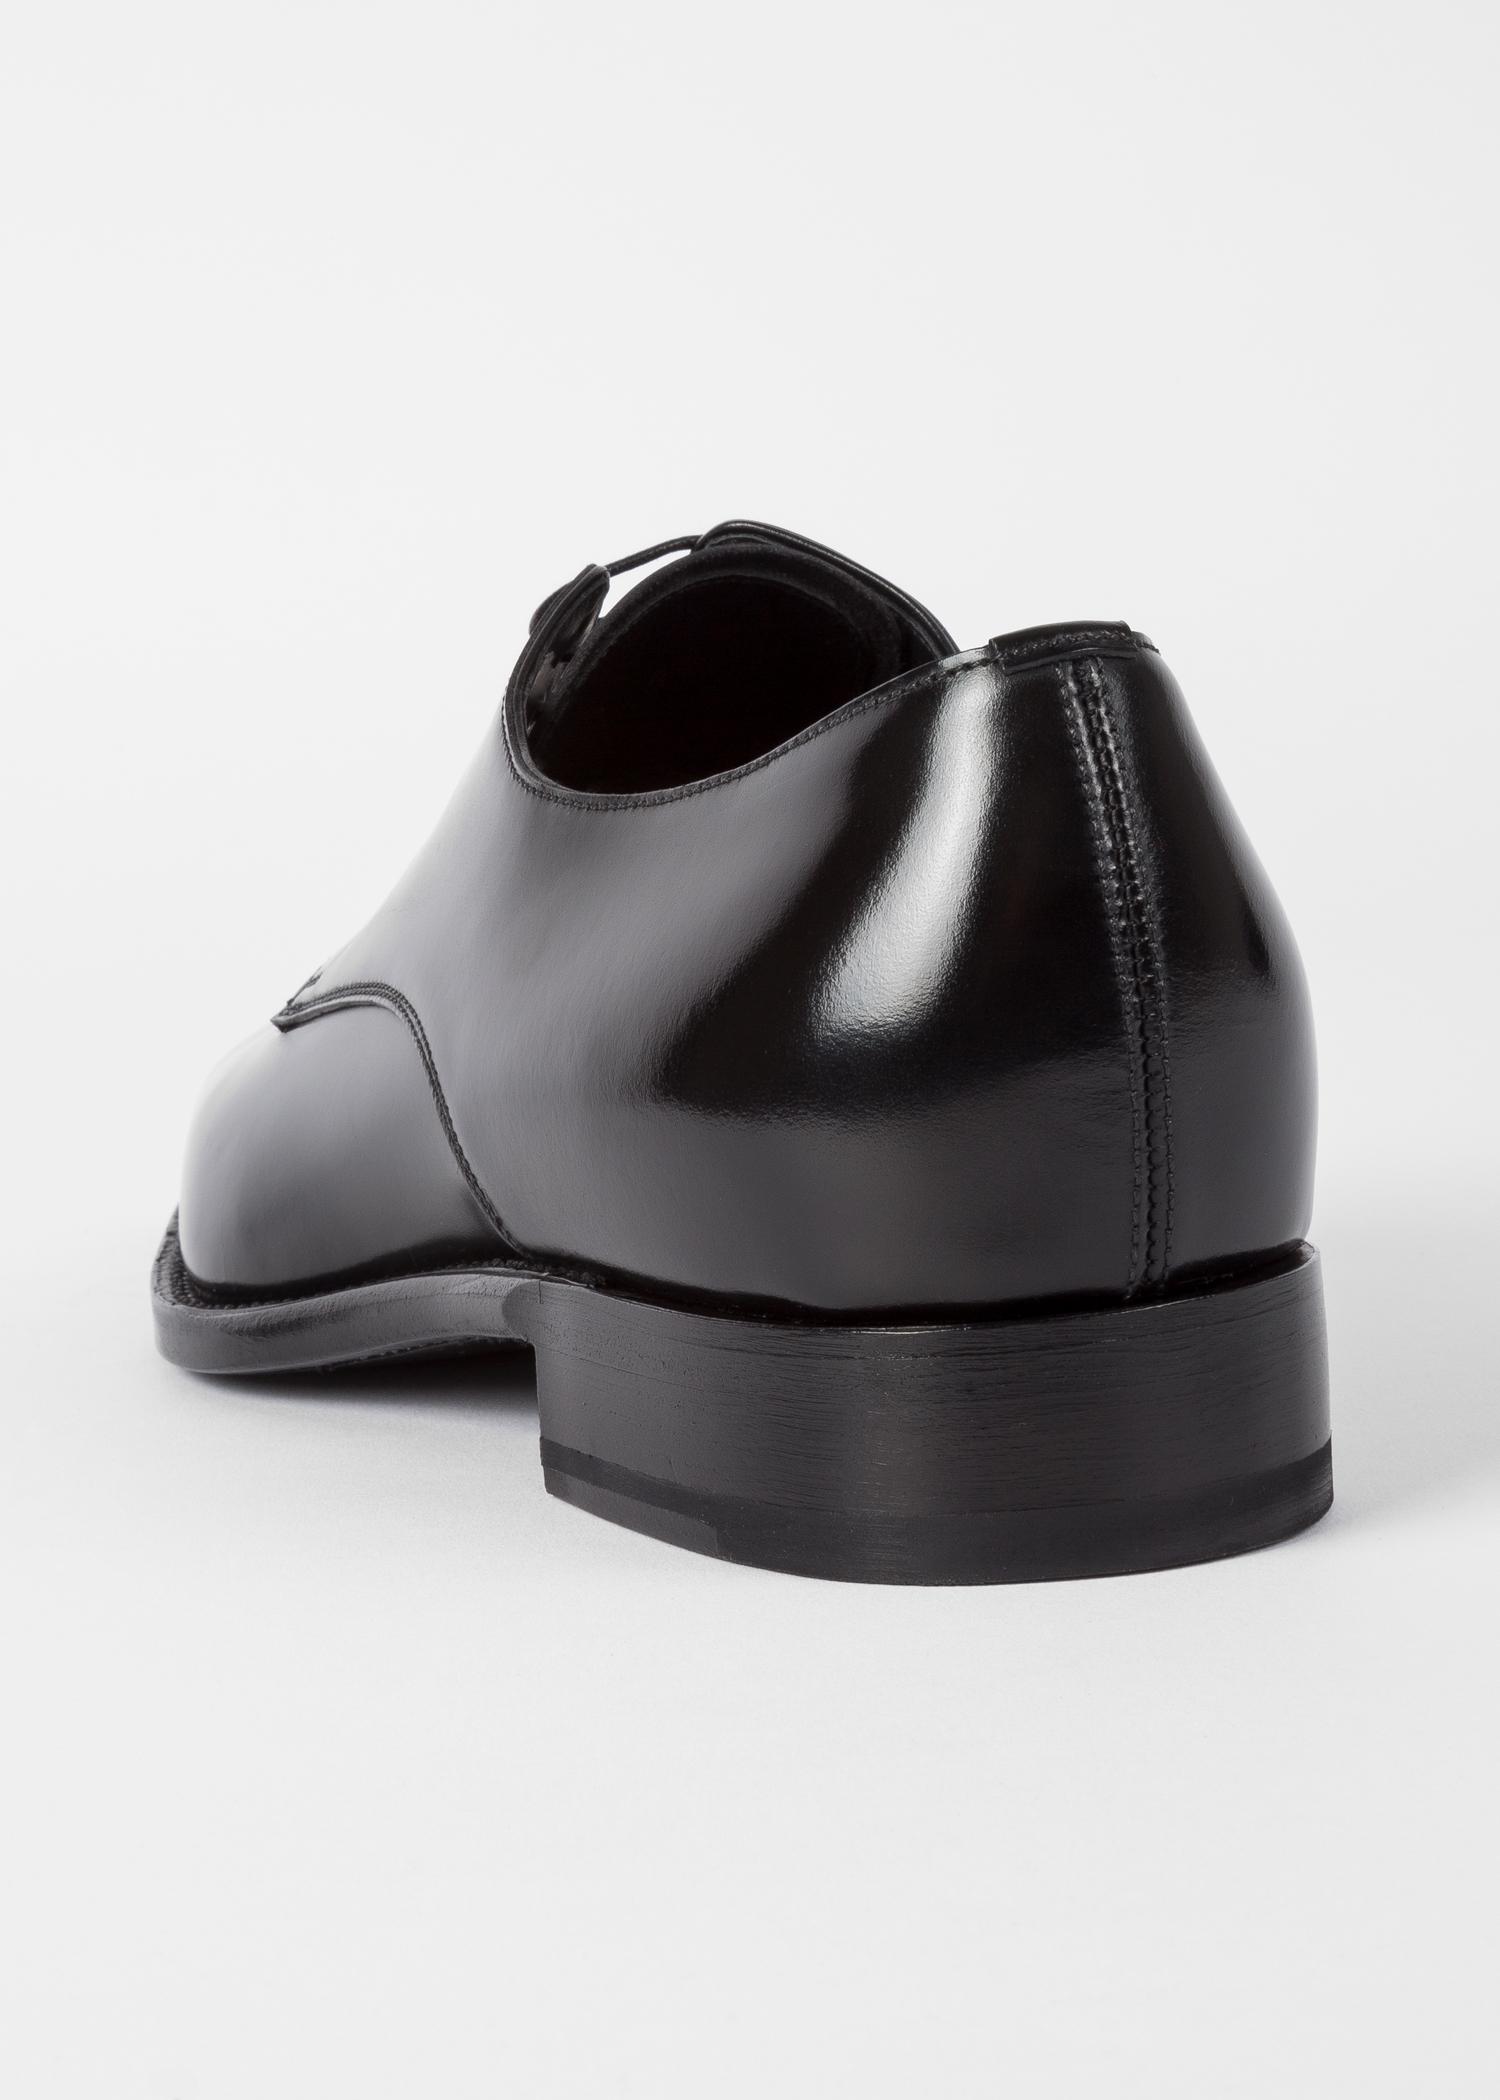 Men S Black Calf Leather Portland Derby Shoes Paul